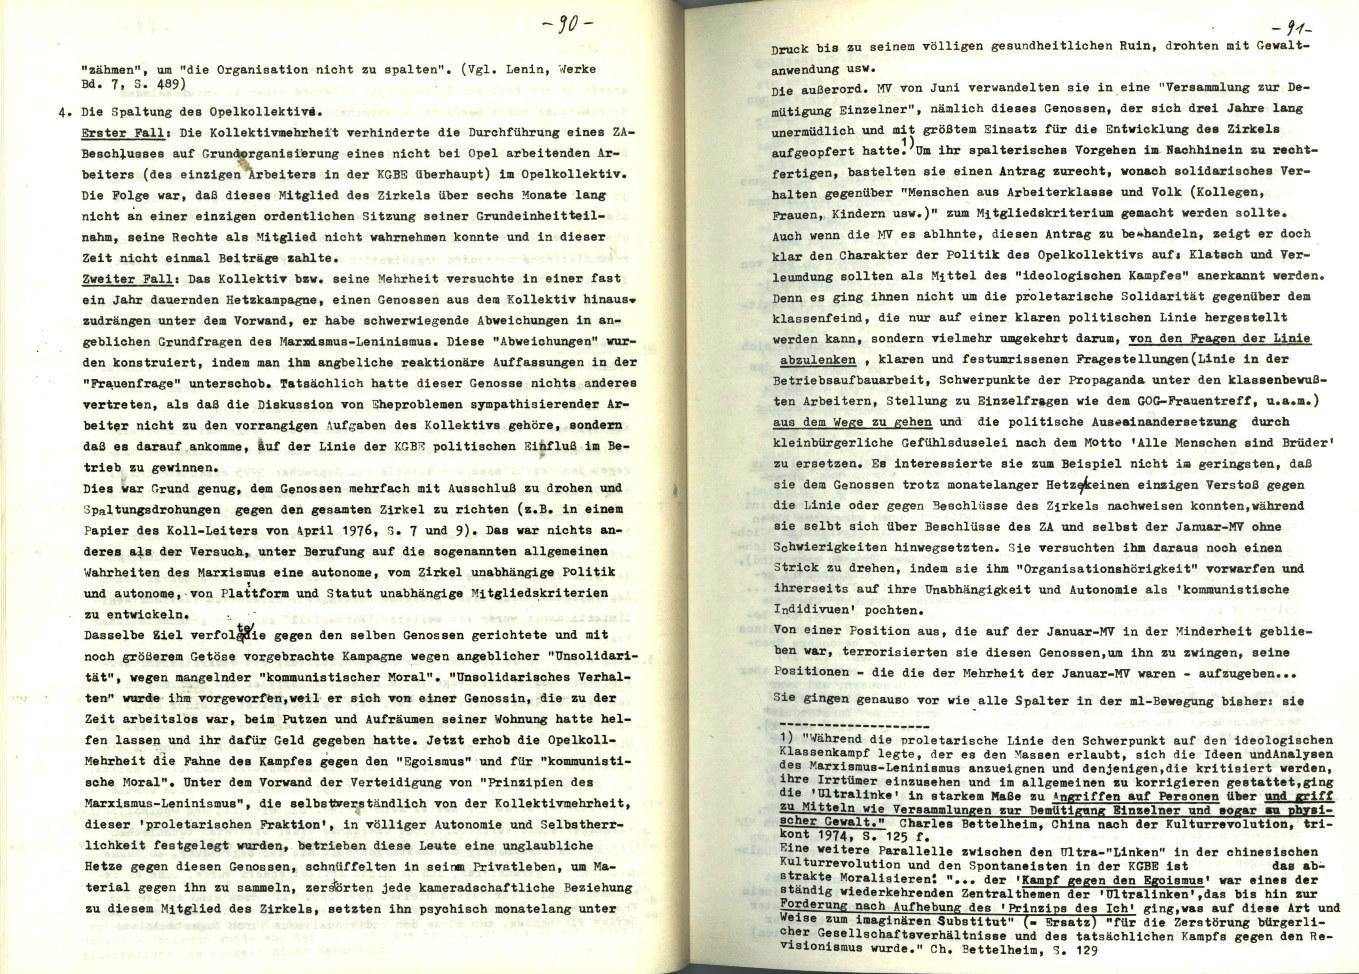 KGBE_Ehemalige_1977_Kritik_an_der_KGBE_49